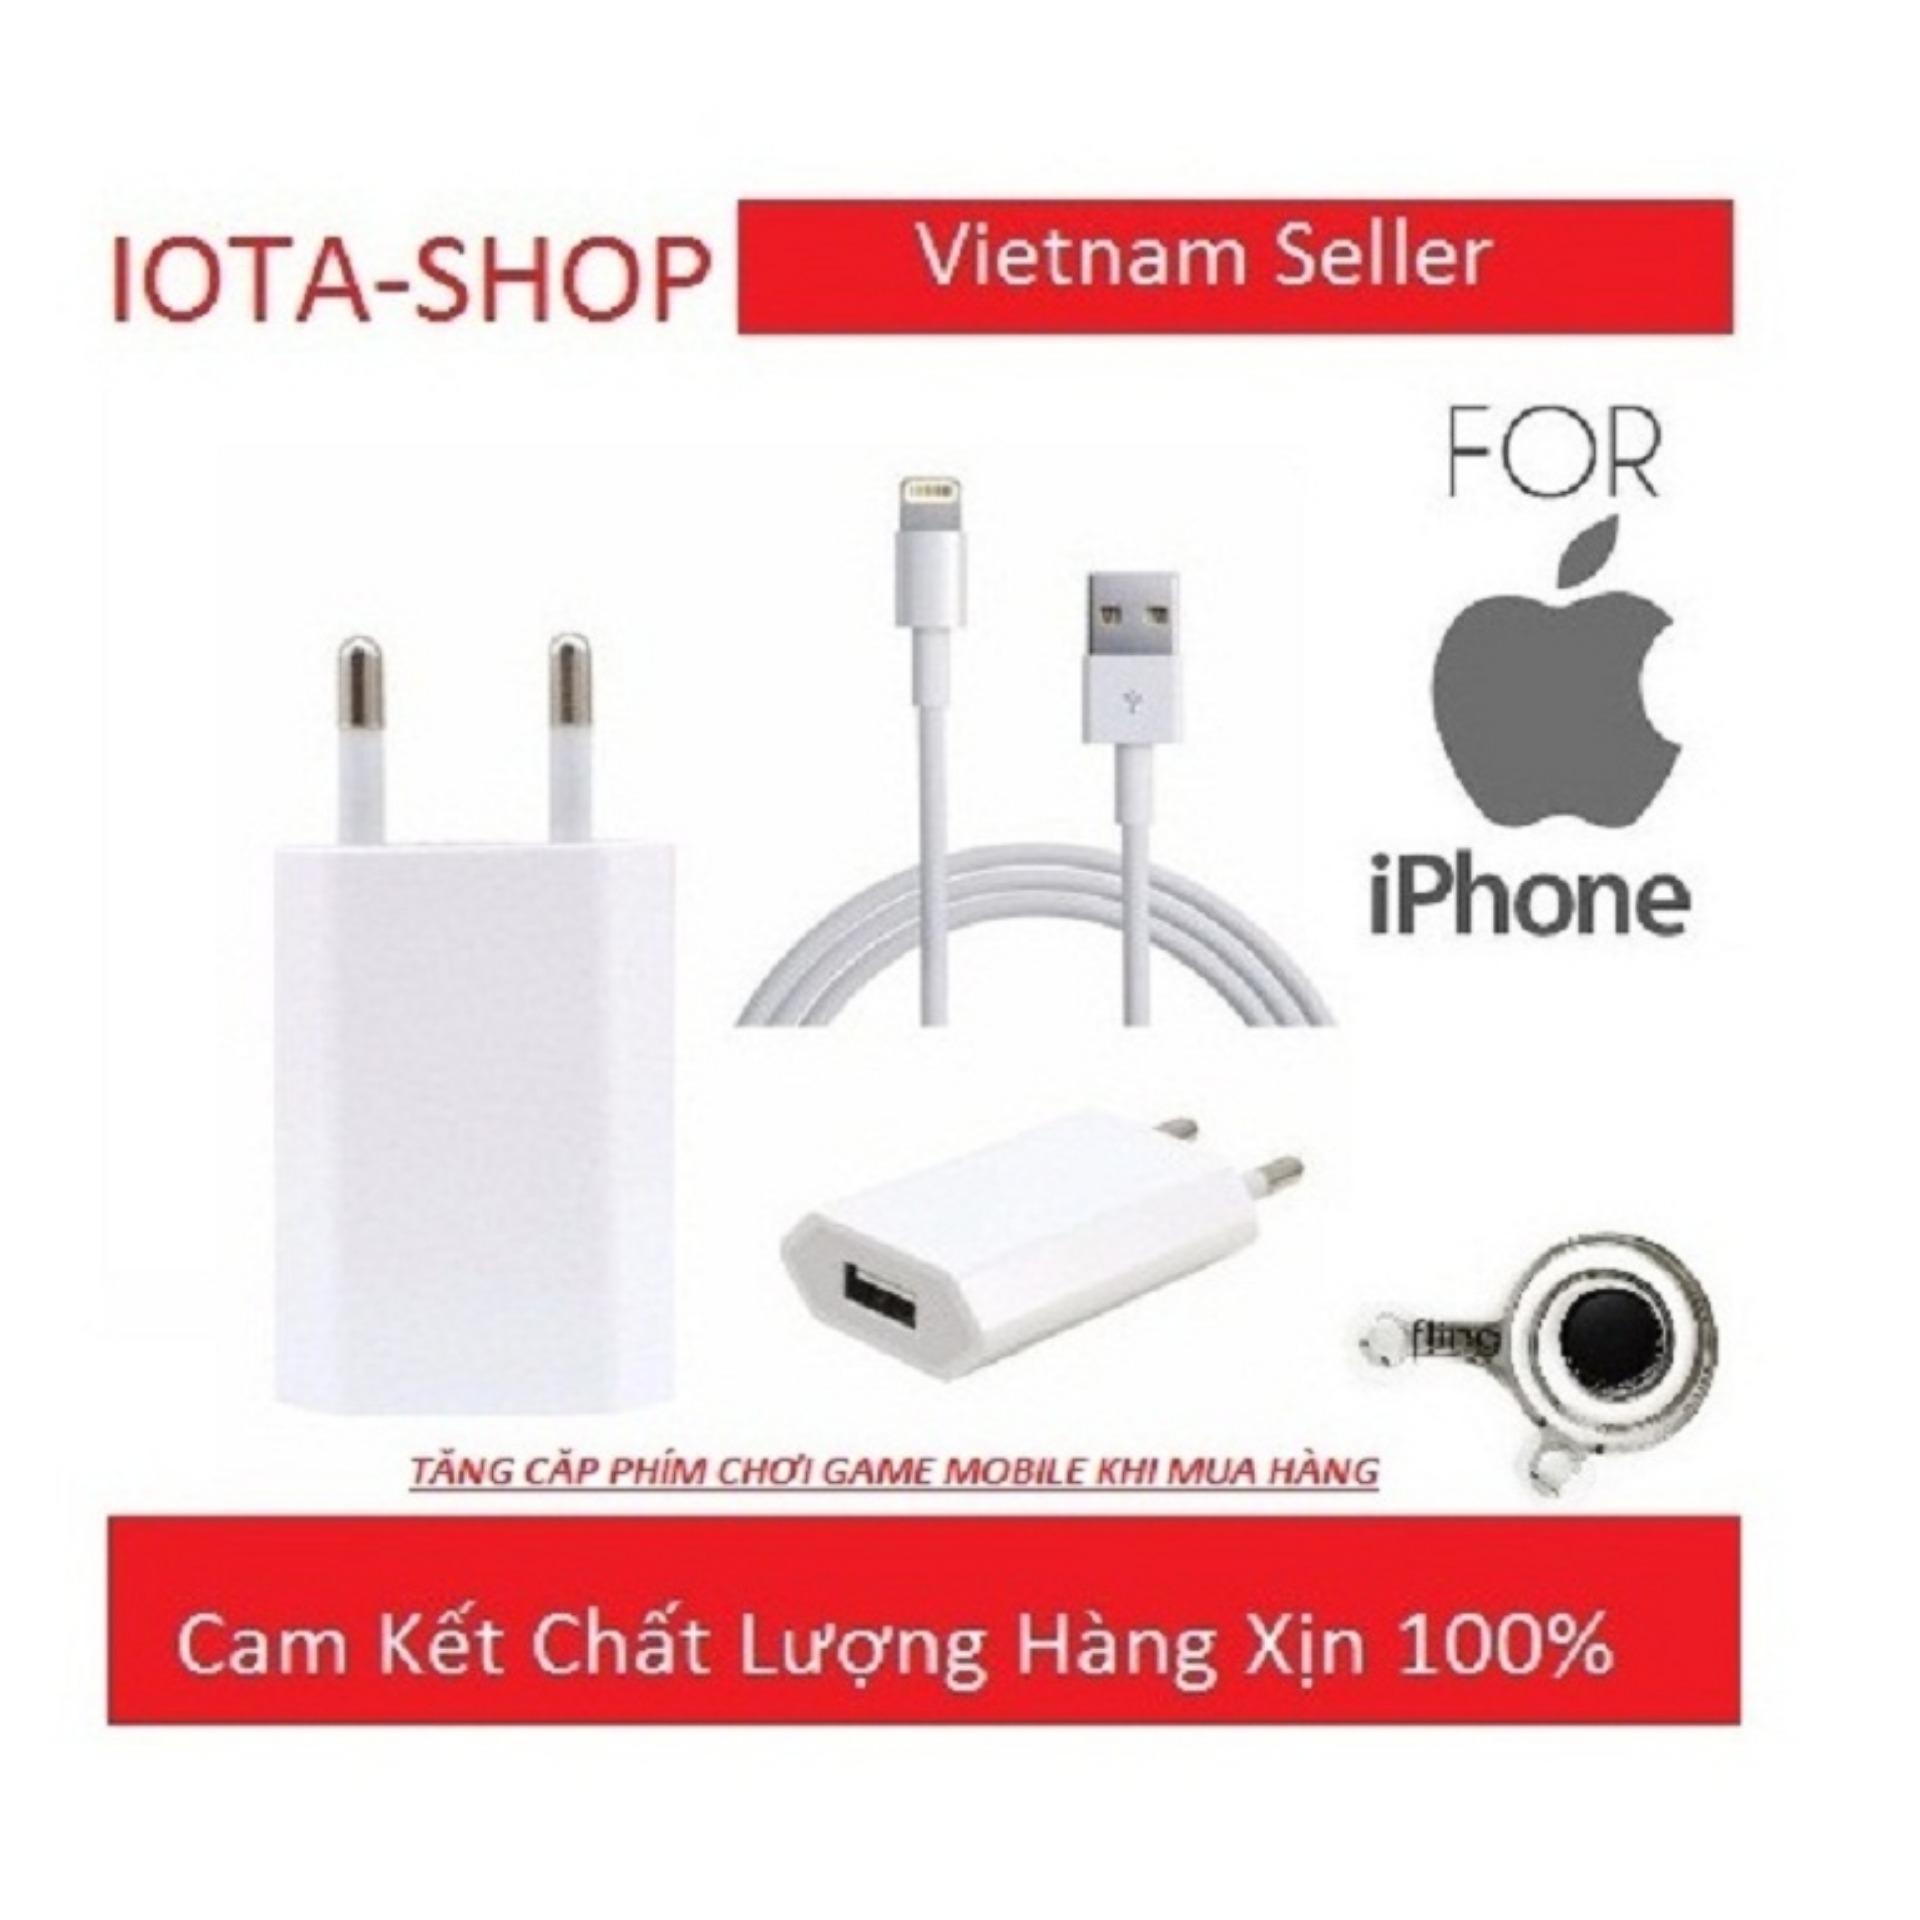 Bán Bộ Cốc Va Cap Sạc Dẹt Zin Theo May Iphone 6 7 6 7Plus Apple Rẻ